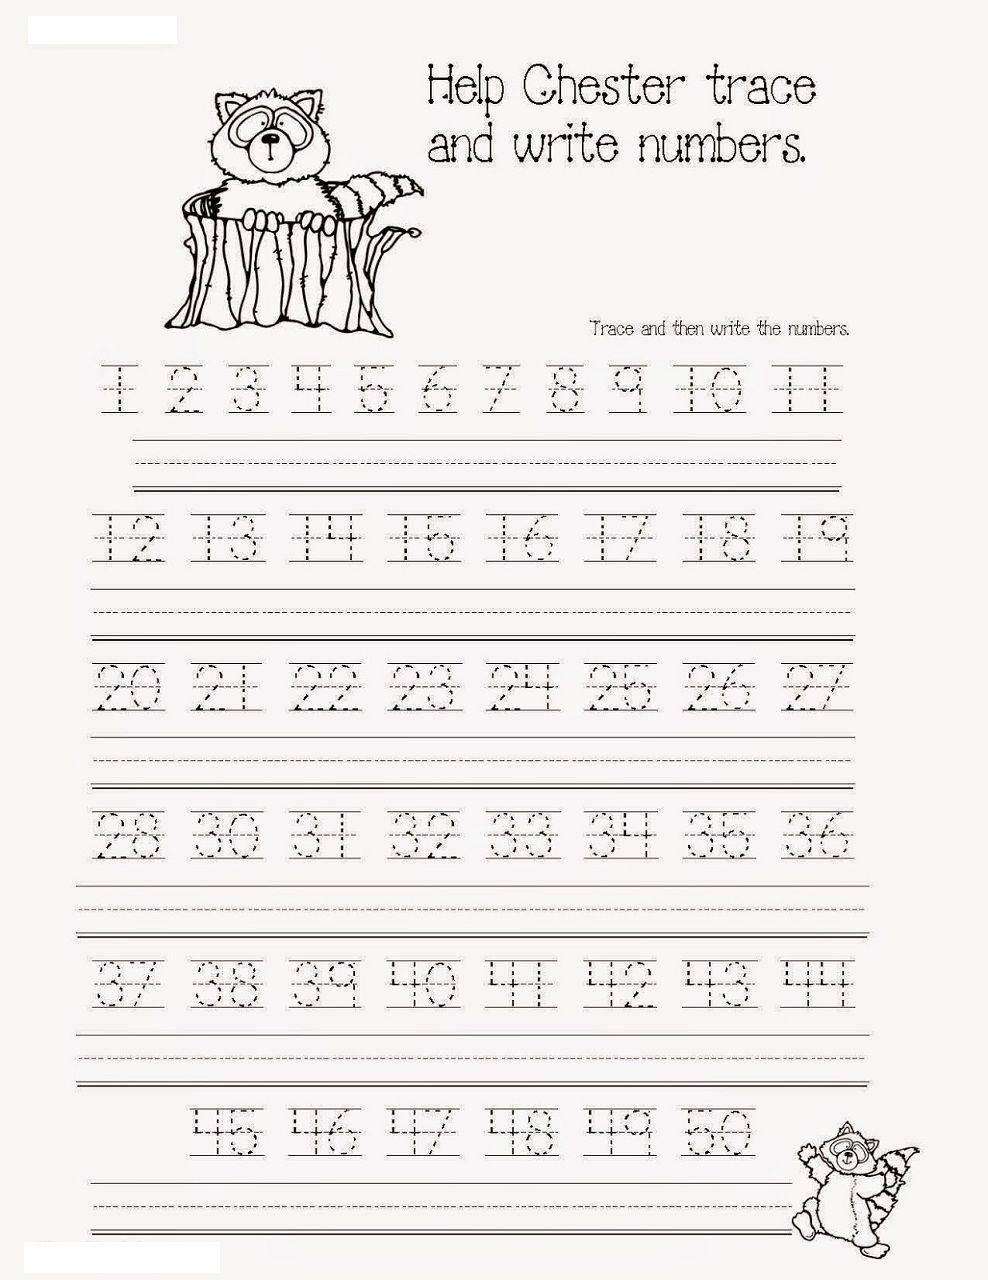 Free Tracing Numbers 1 50 K5 Education Resources | Violet Prek - K - Free Printable Tracing Numbers 1 50